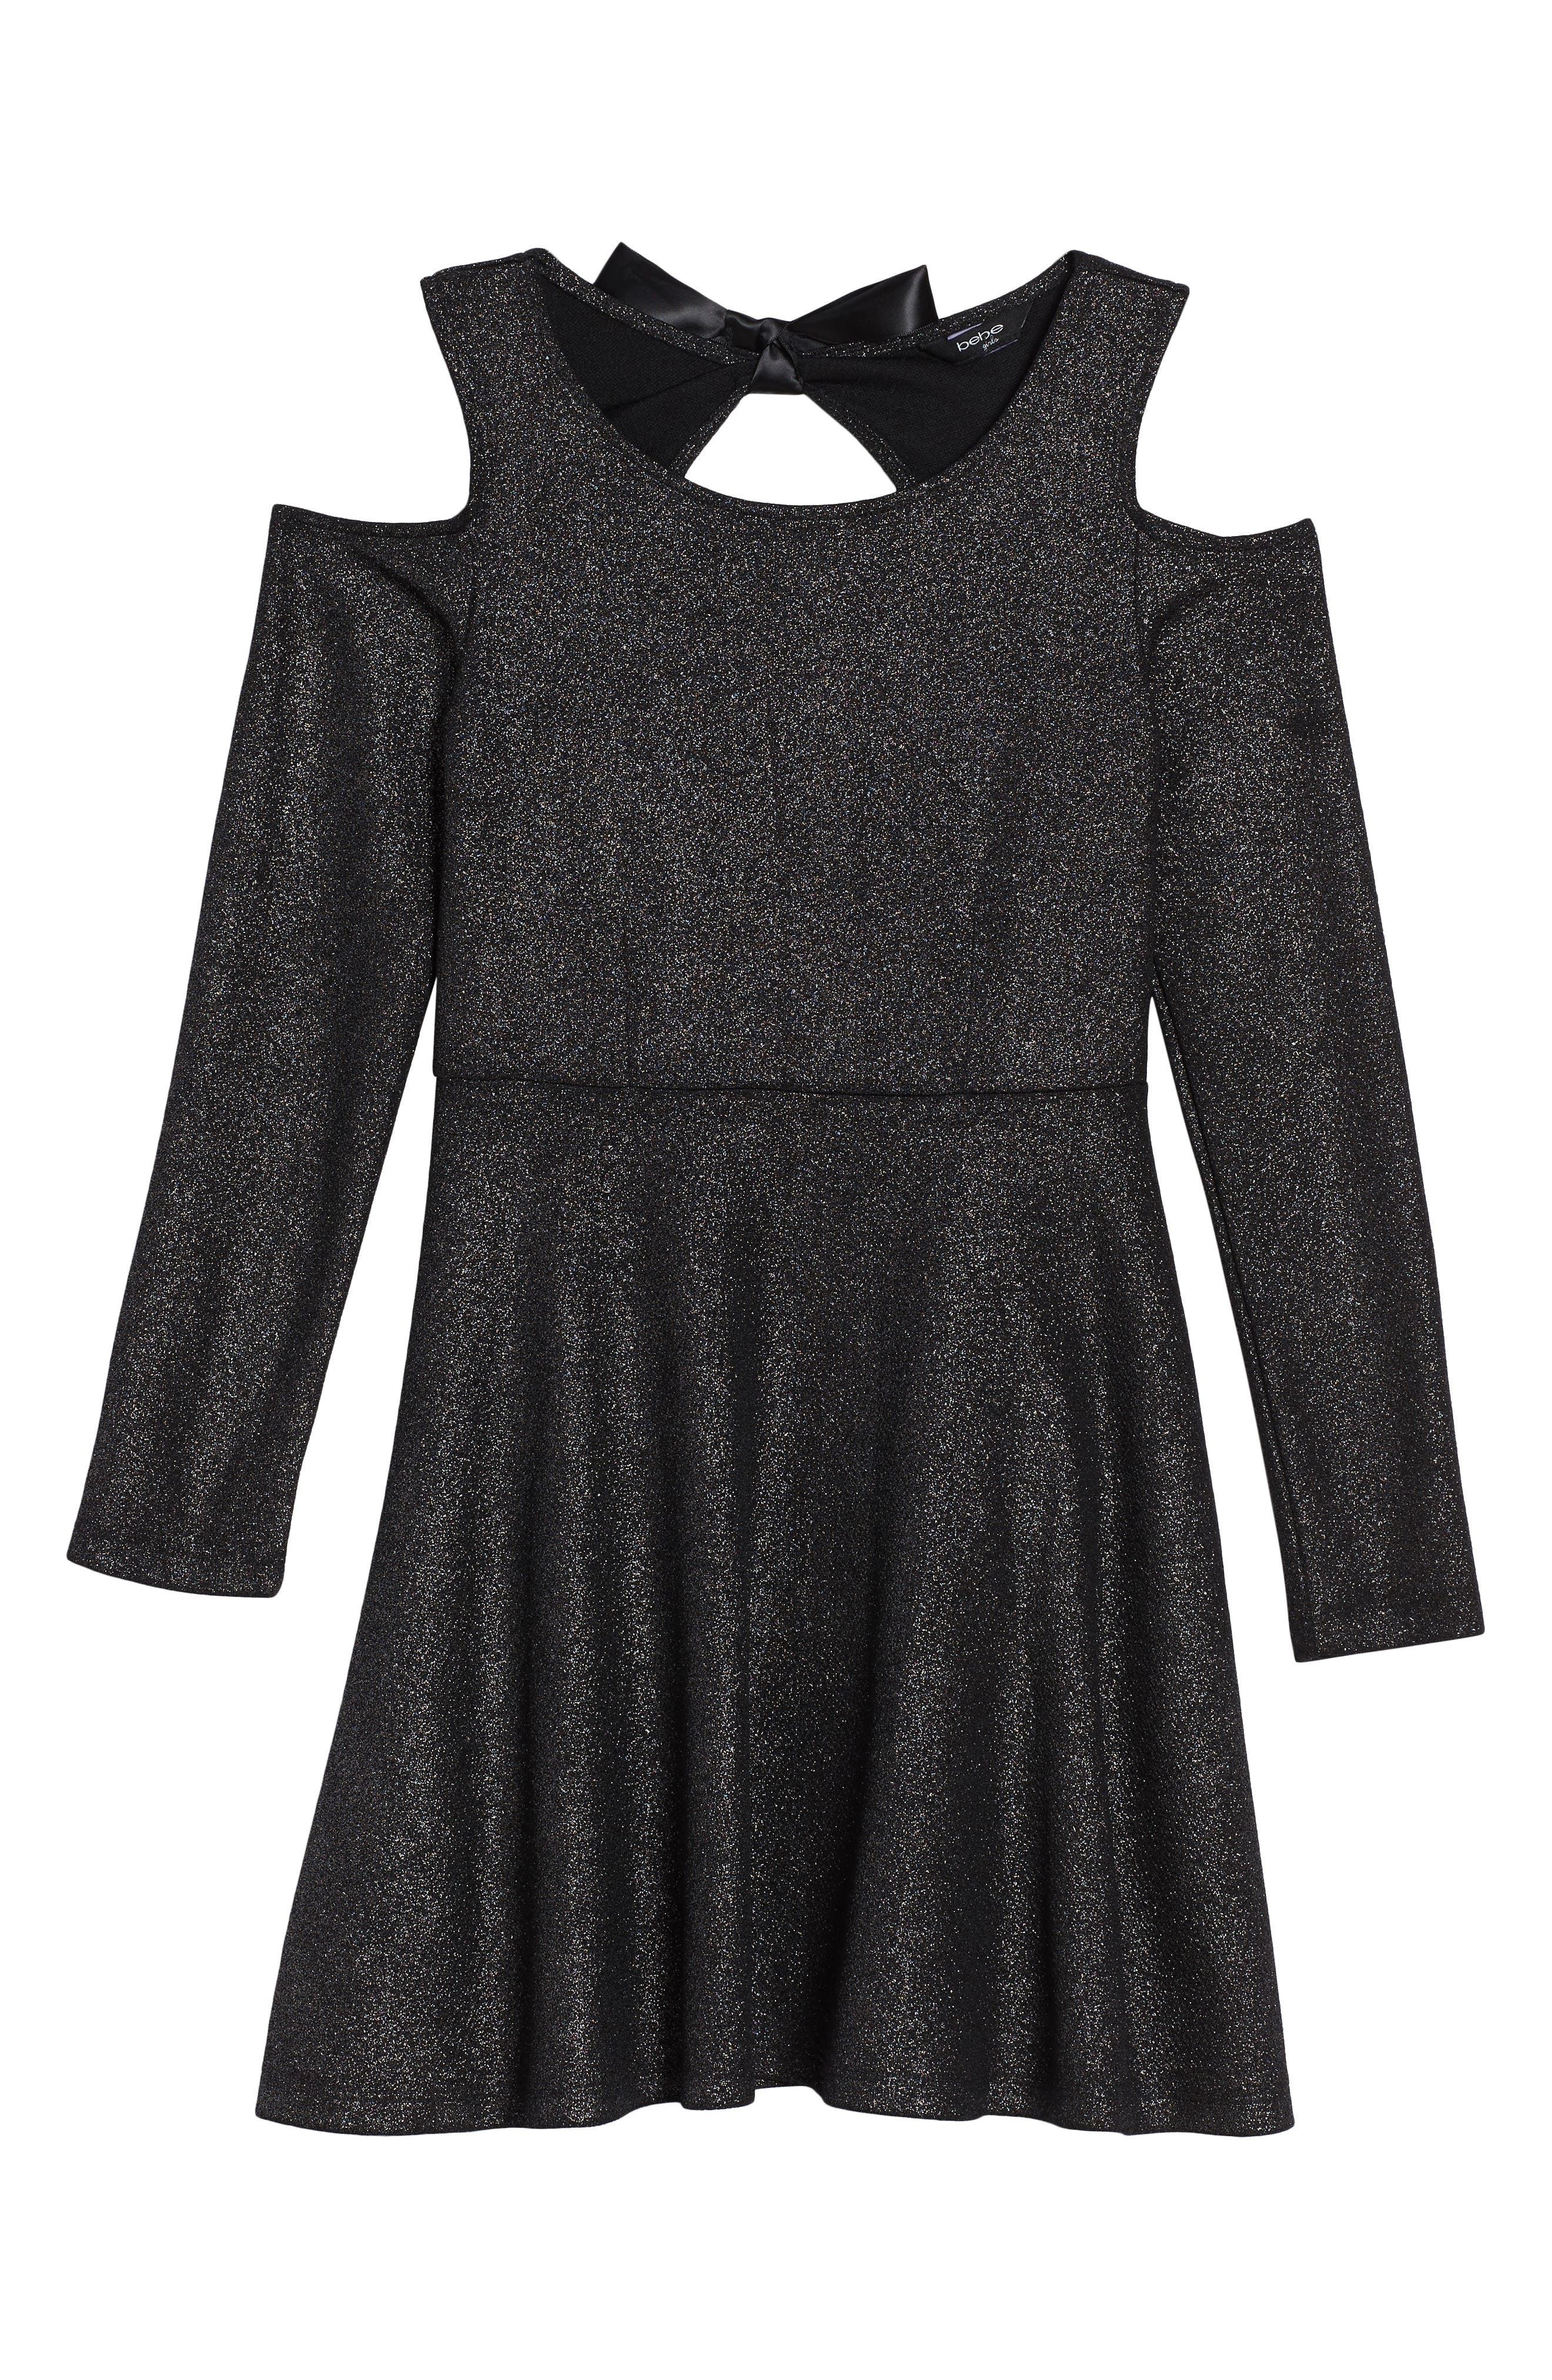 Sparkle Knit Cold Shoulder Dress,                         Main,                         color, Black